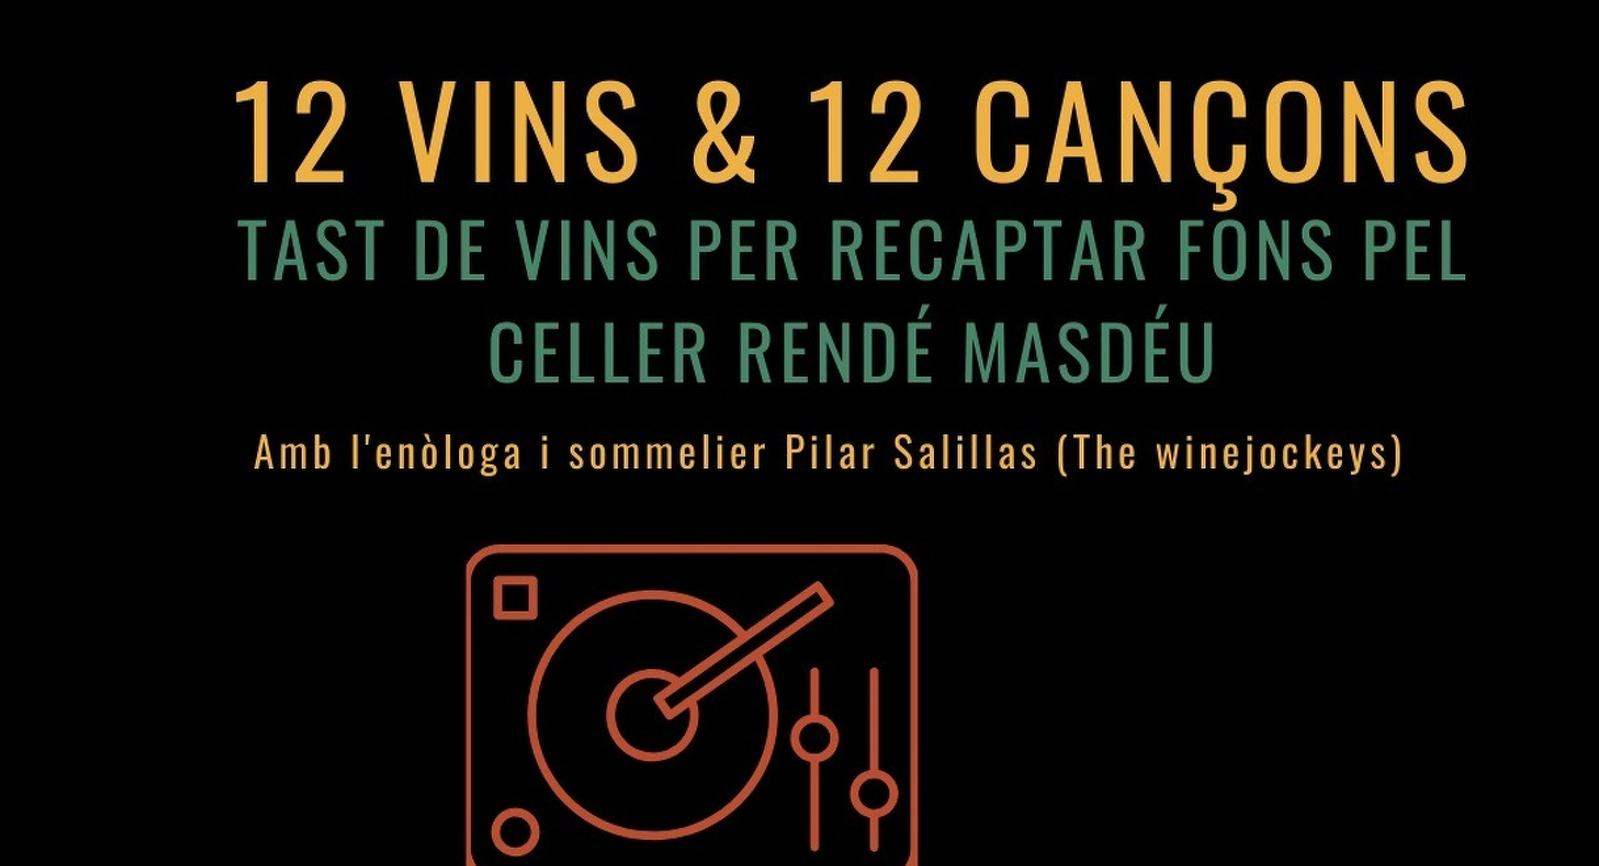 12 vins i 12 cançons en slidaritat amb el celler Rendé Masdéu